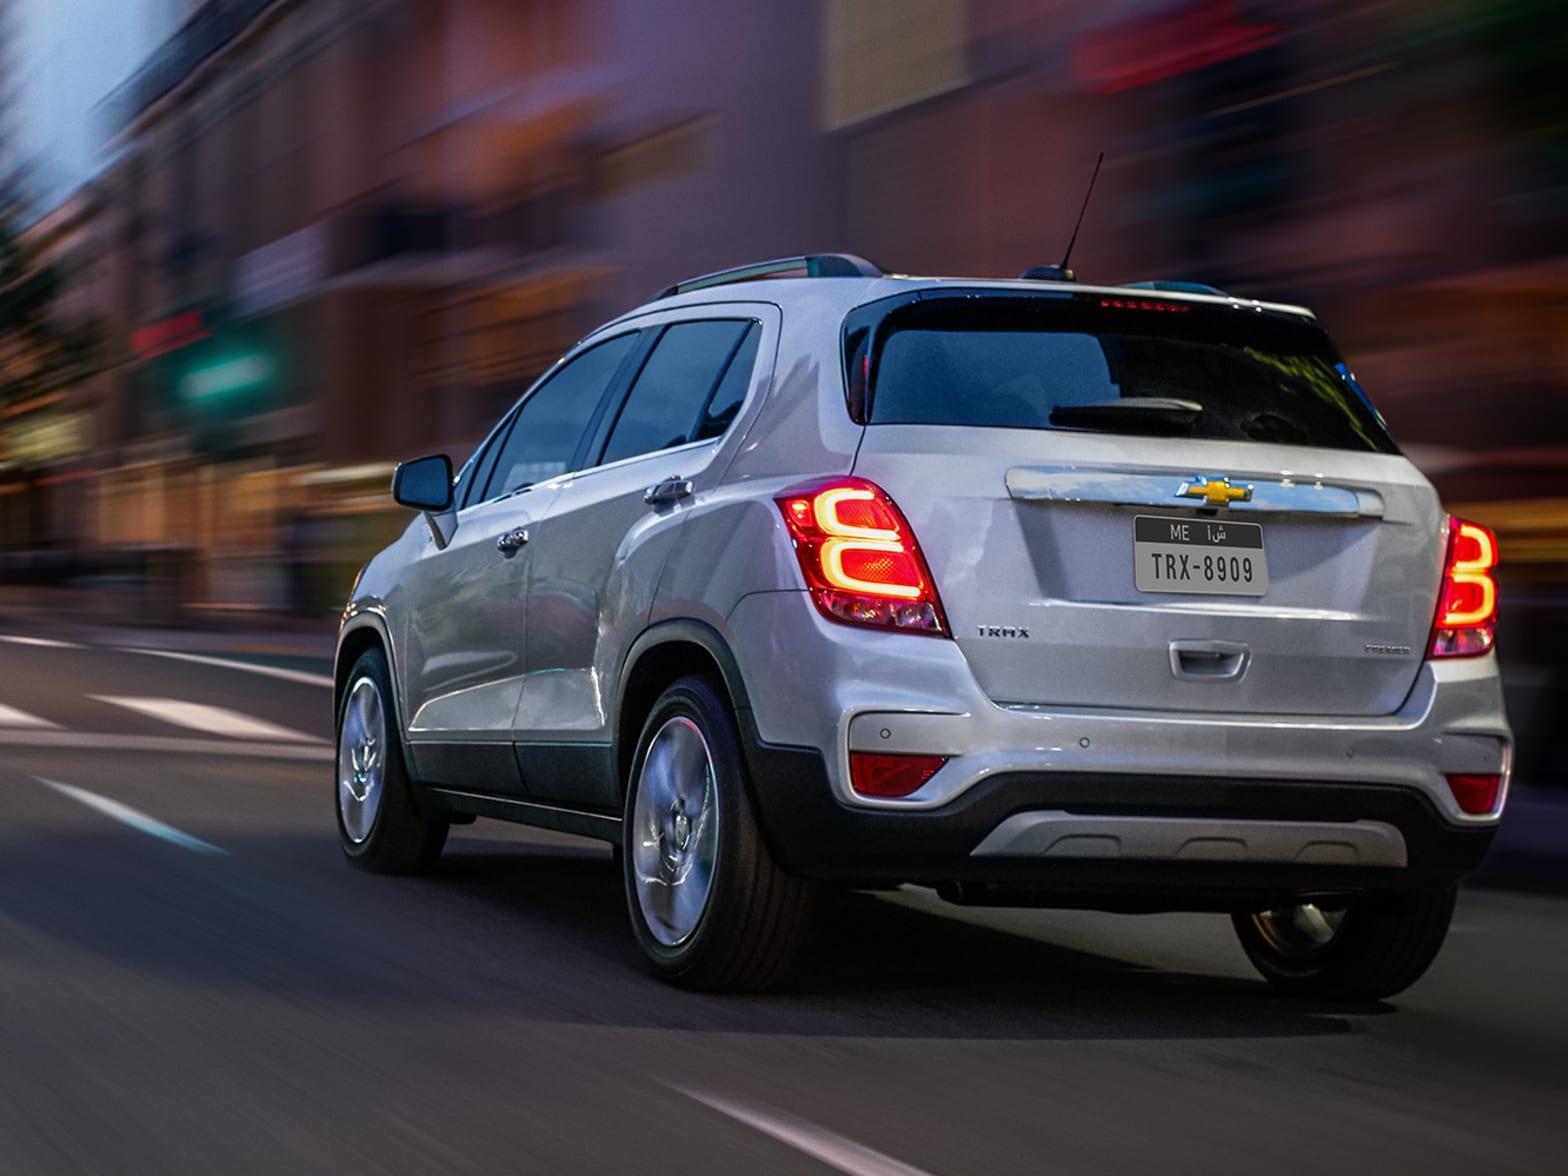 Kelebihan Kekurangan Chevrolet Trax Premier Perbandingan Harga